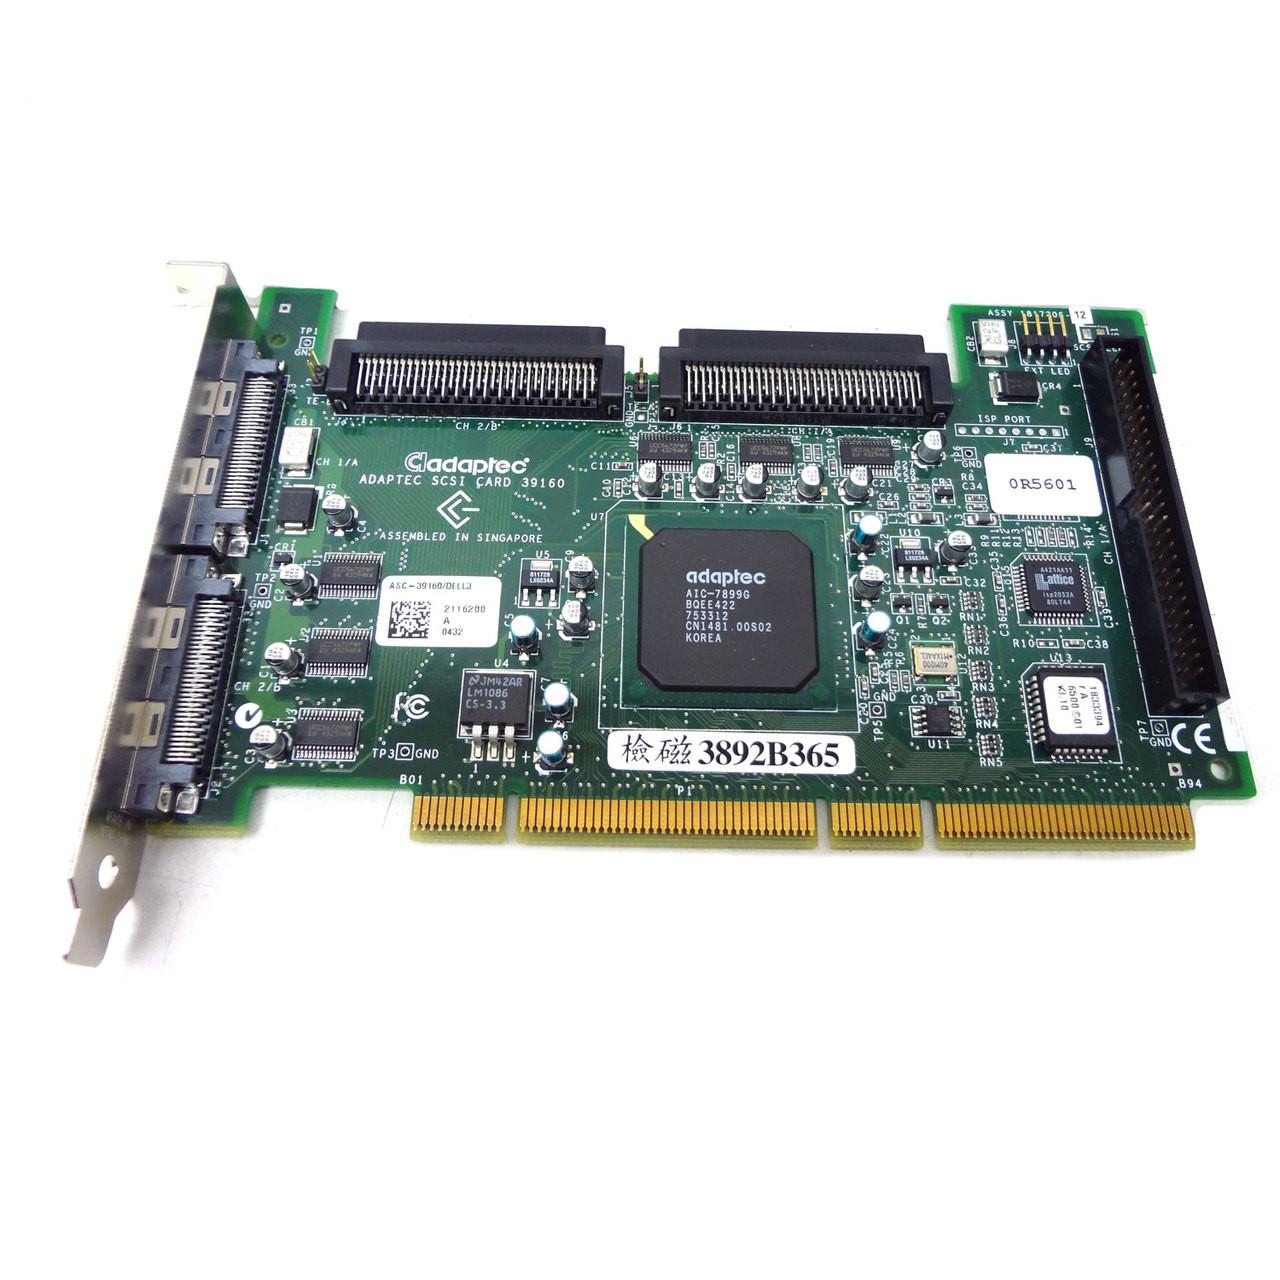 Dell Adaptec Dual U160-SCSI Controller ASC-39160-DELL